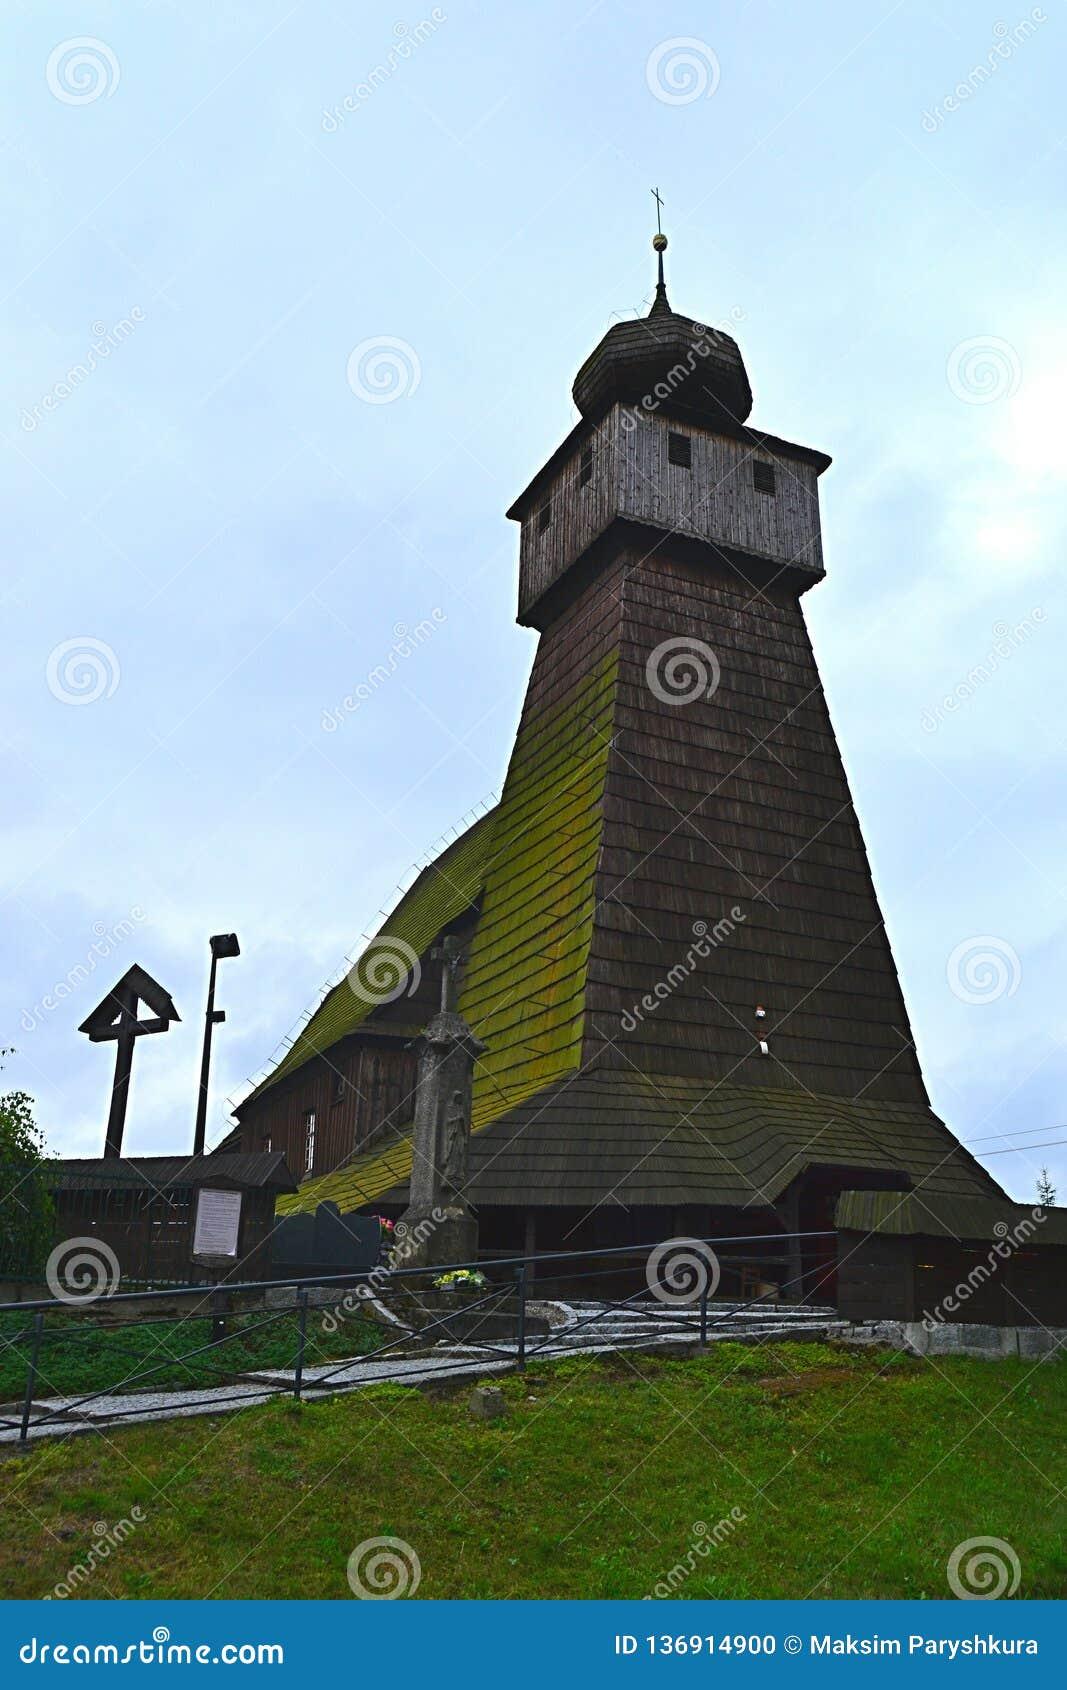 Polen, Wisla Mala, catolic tempel, houten kerk, toerisme, aalmoezenier, godsdienst